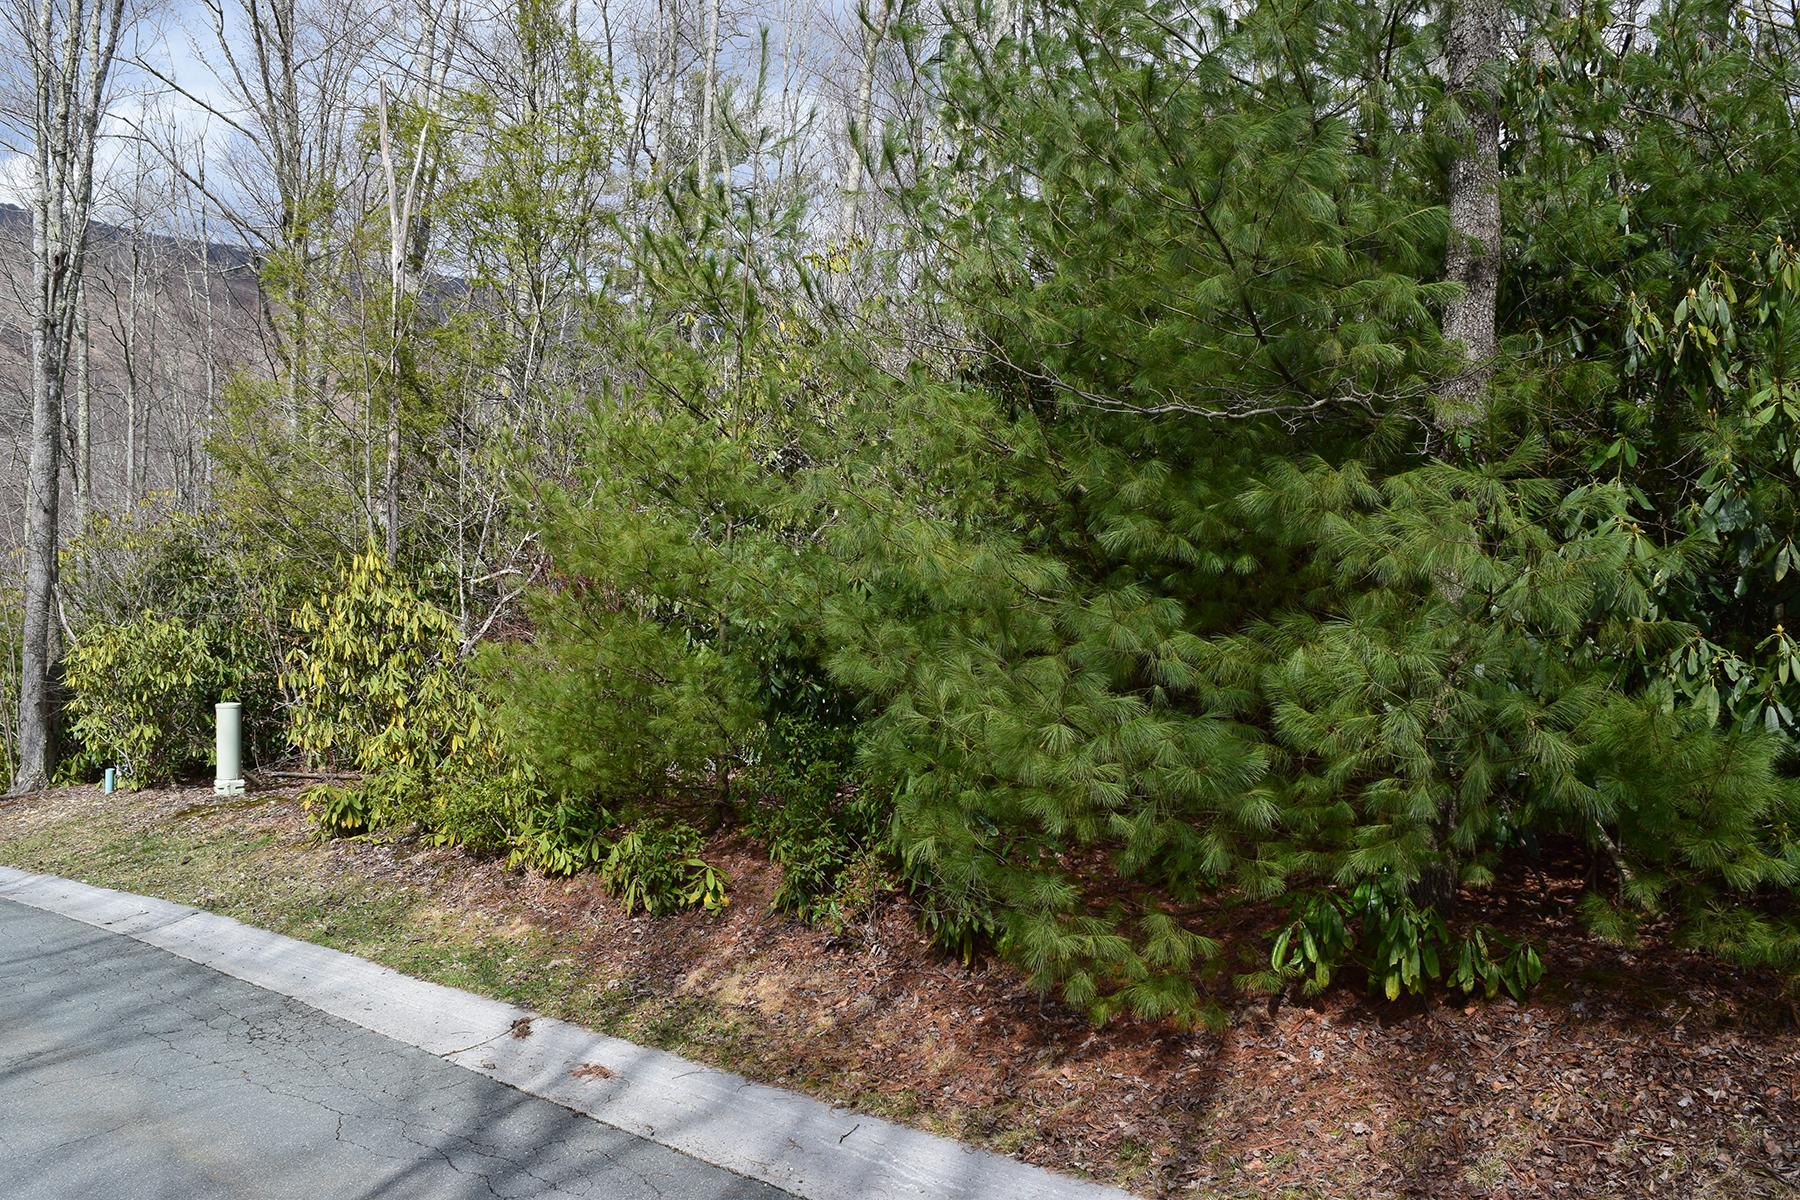 Land for Sale at BANNER ELK - CROOKED CREEK TBD Cinnamon Fern Lane Banner Elk, North Carolina, 28604 United States